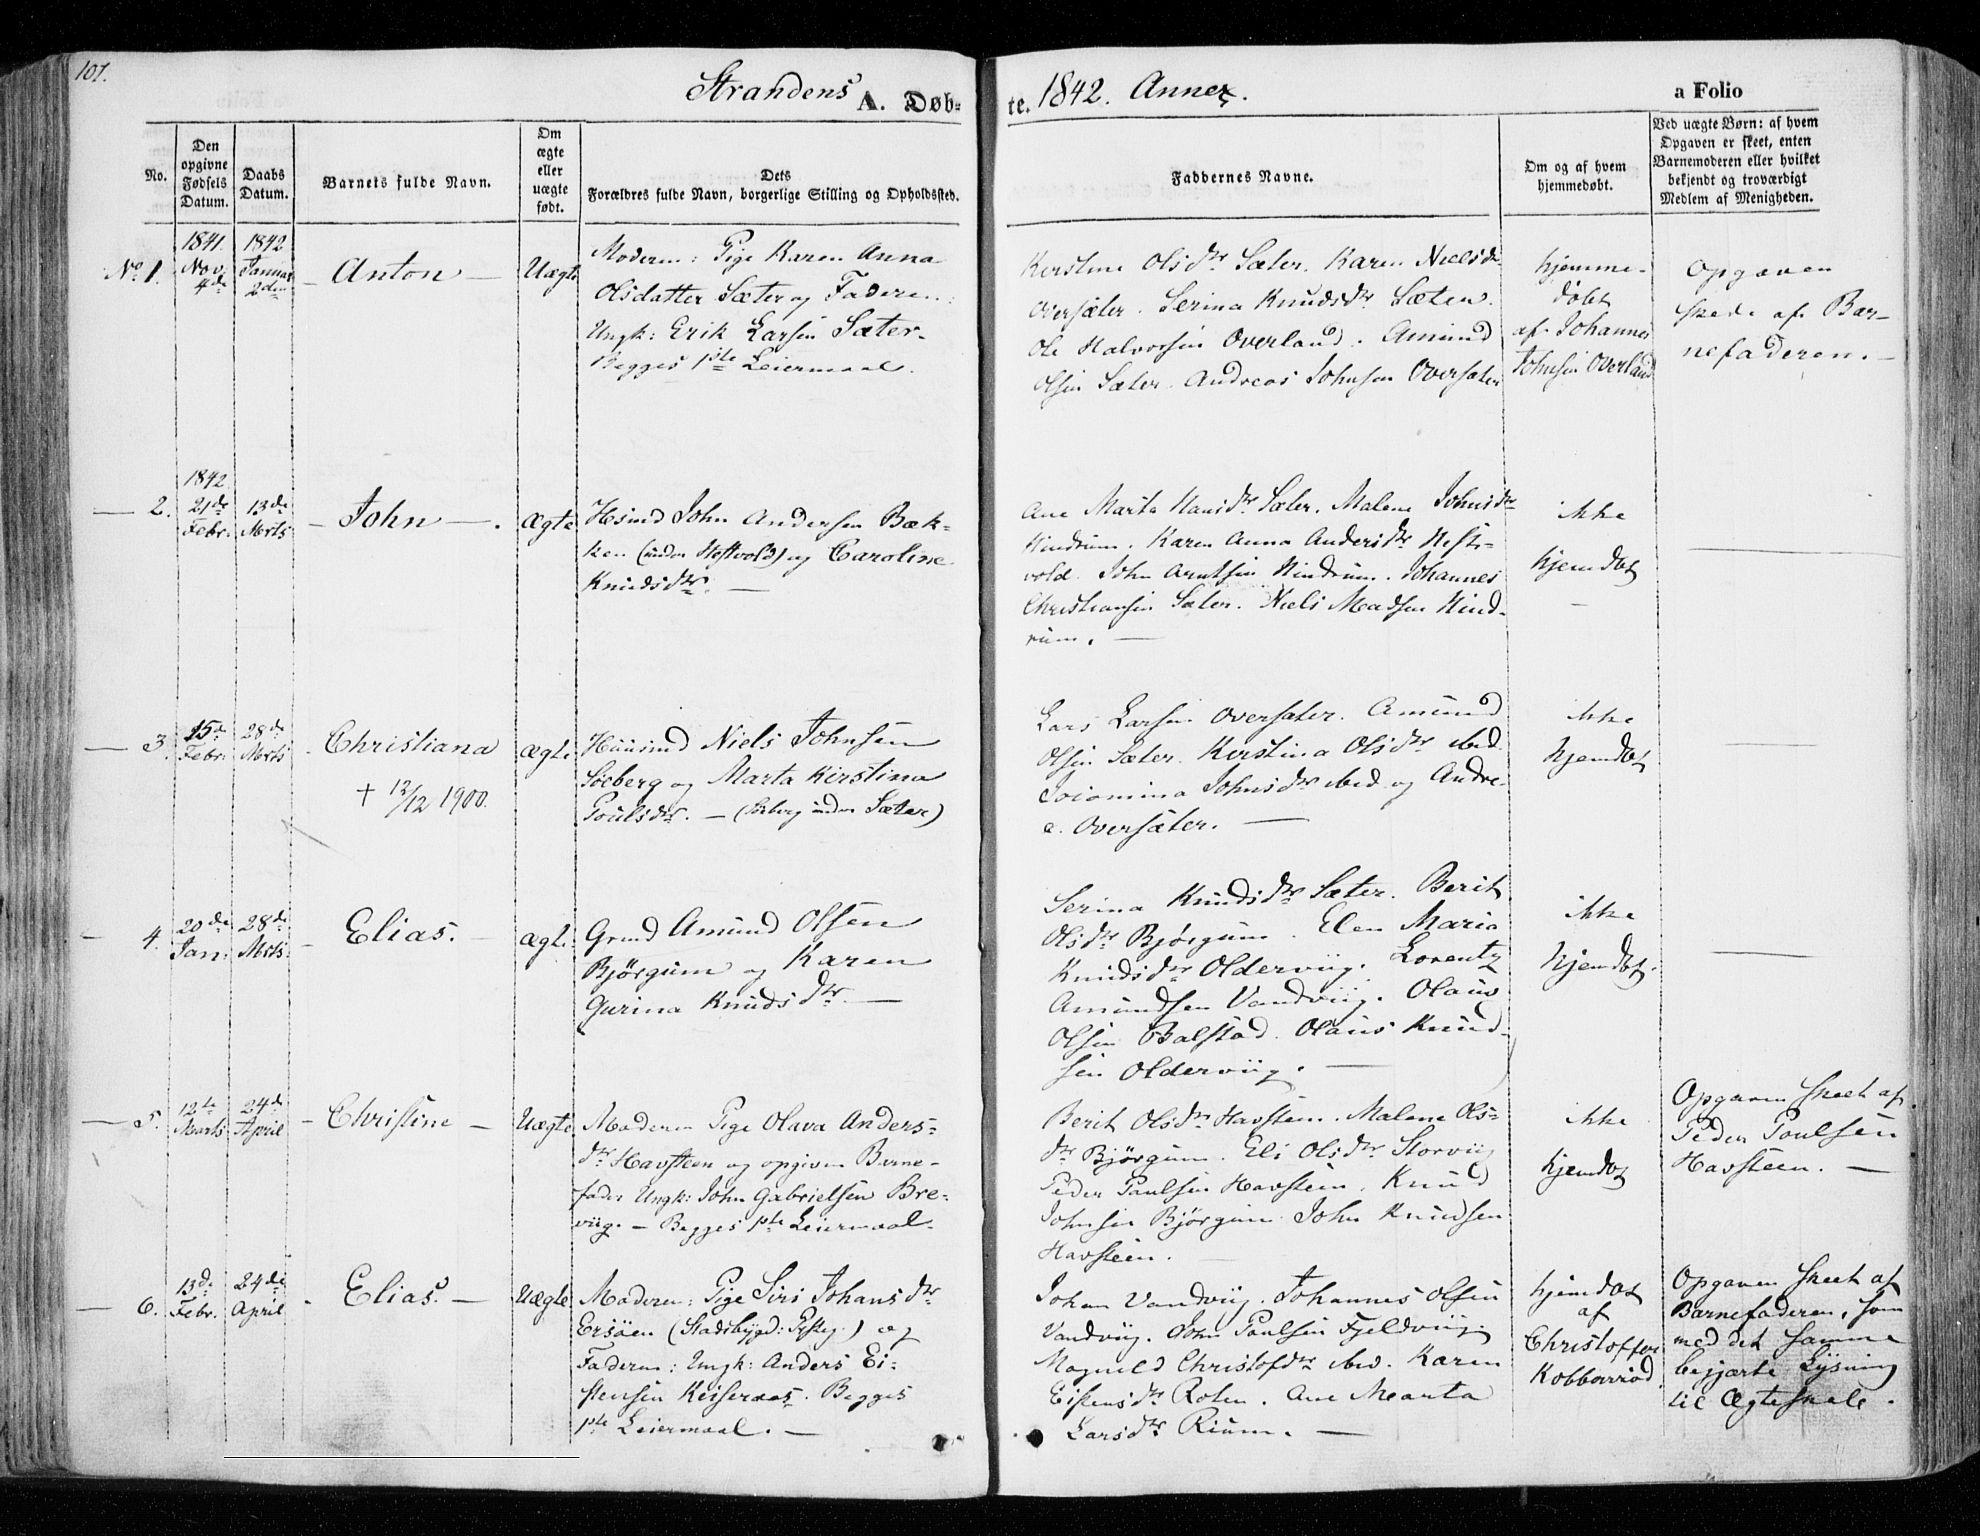 SAT, Ministerialprotokoller, klokkerbøker og fødselsregistre - Nord-Trøndelag, 701/L0007: Parish register (official) no. 701A07 /2, 1842-1854, p. 101